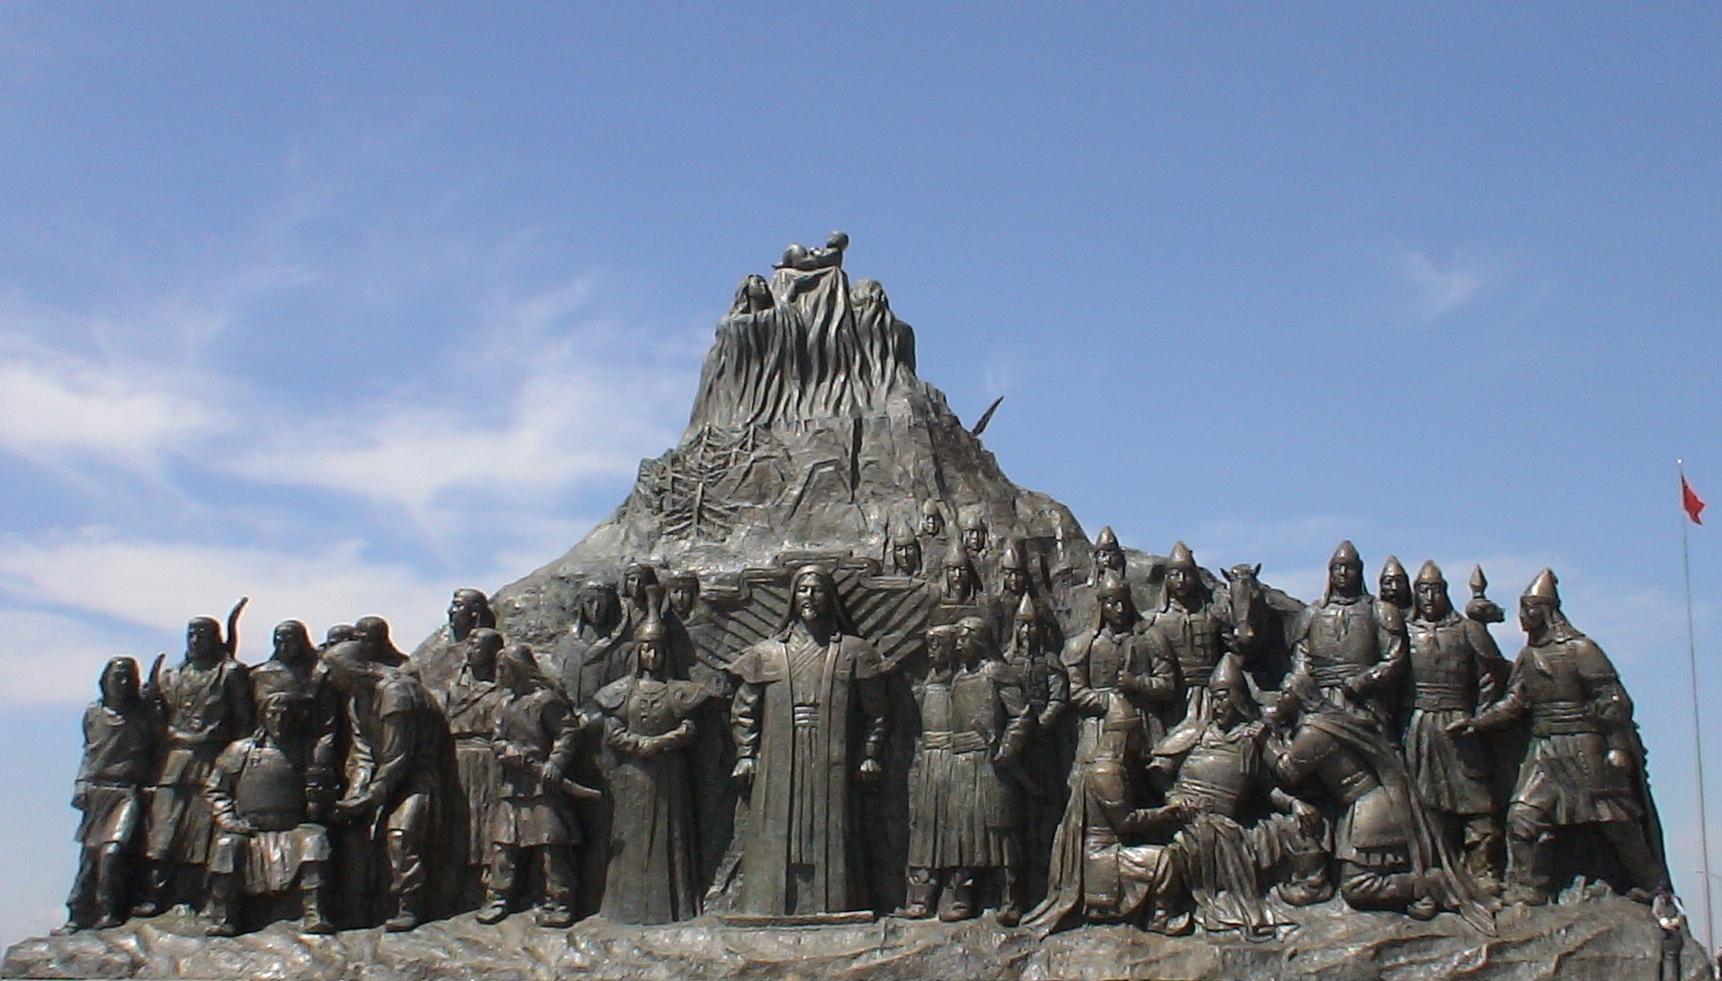 2006年莪迩所思雕塑群之《一代天骄》~